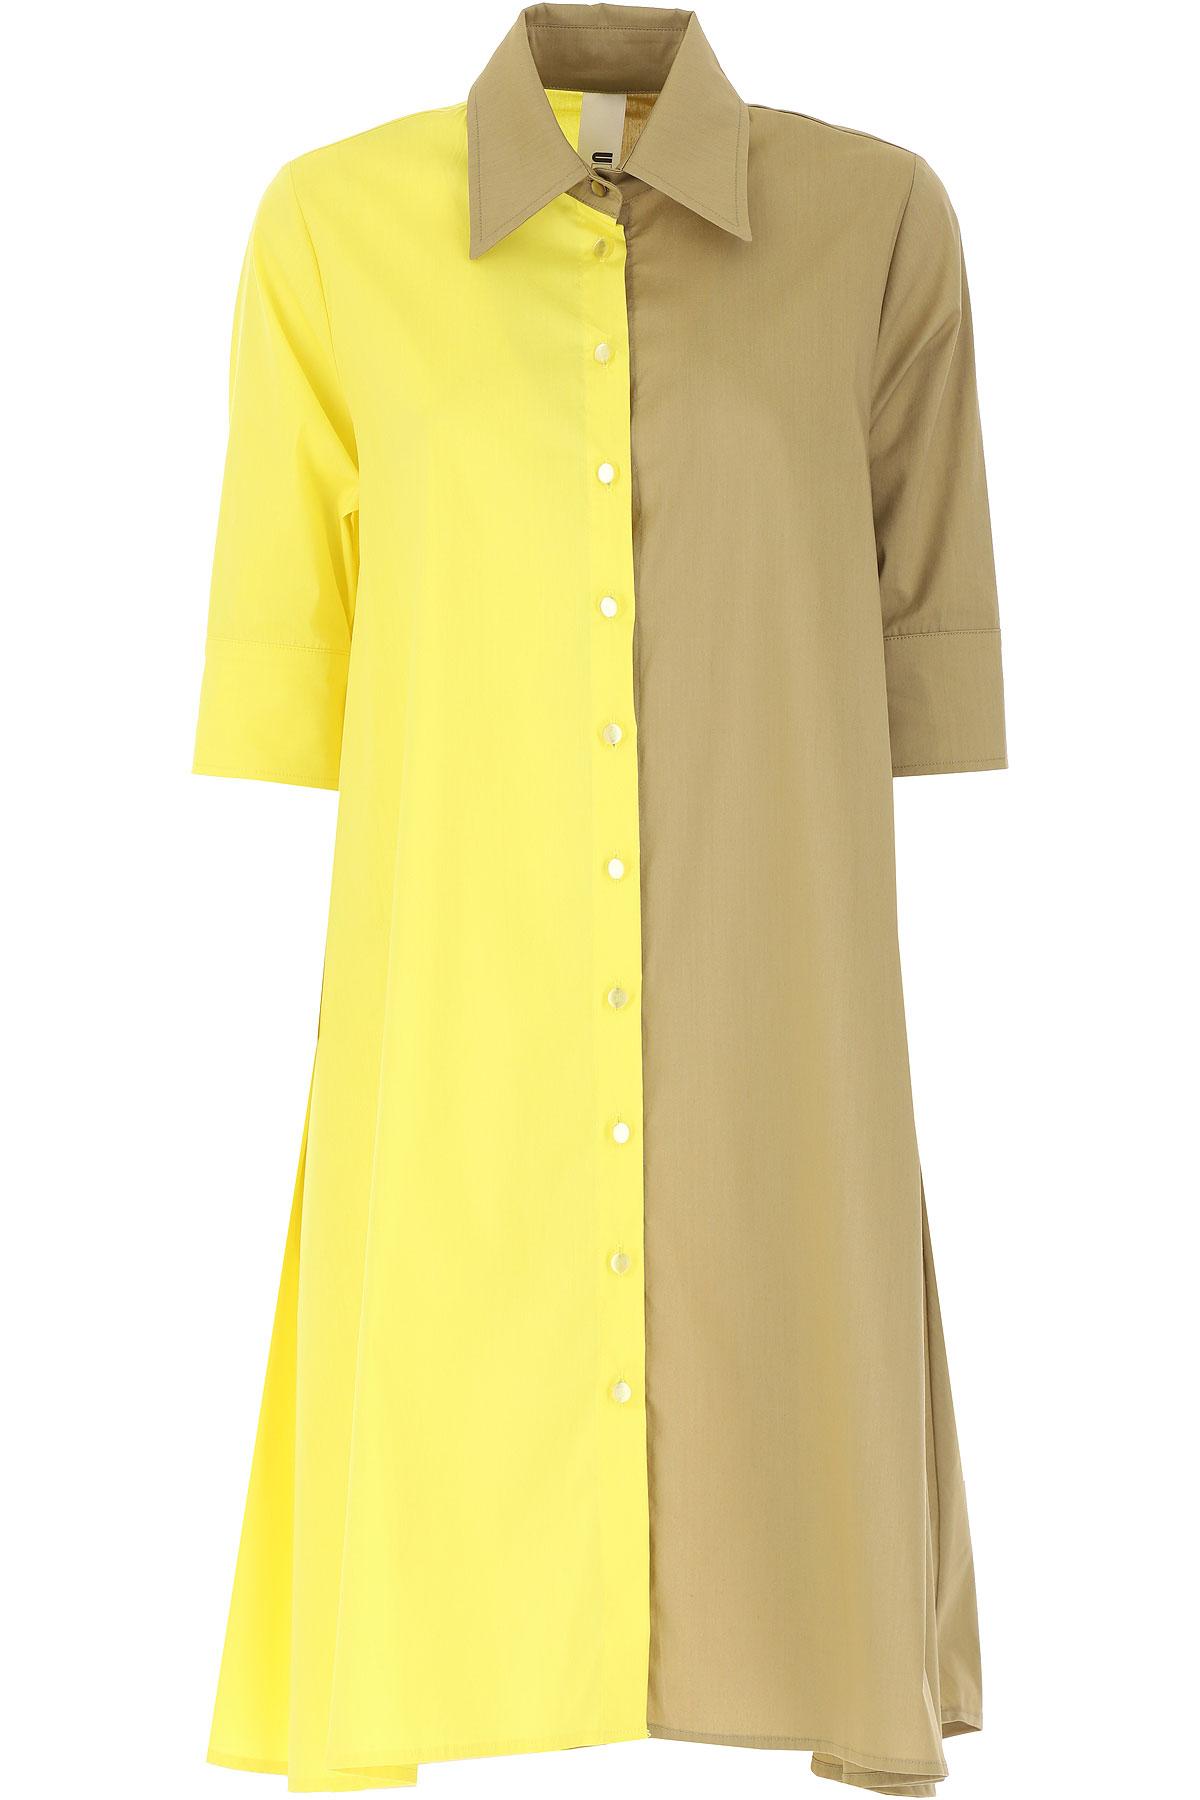 Ultrachic Dress for Women, Evening Cocktail Party On Sale, Lemon, Cotton, 2019, 4 6 8